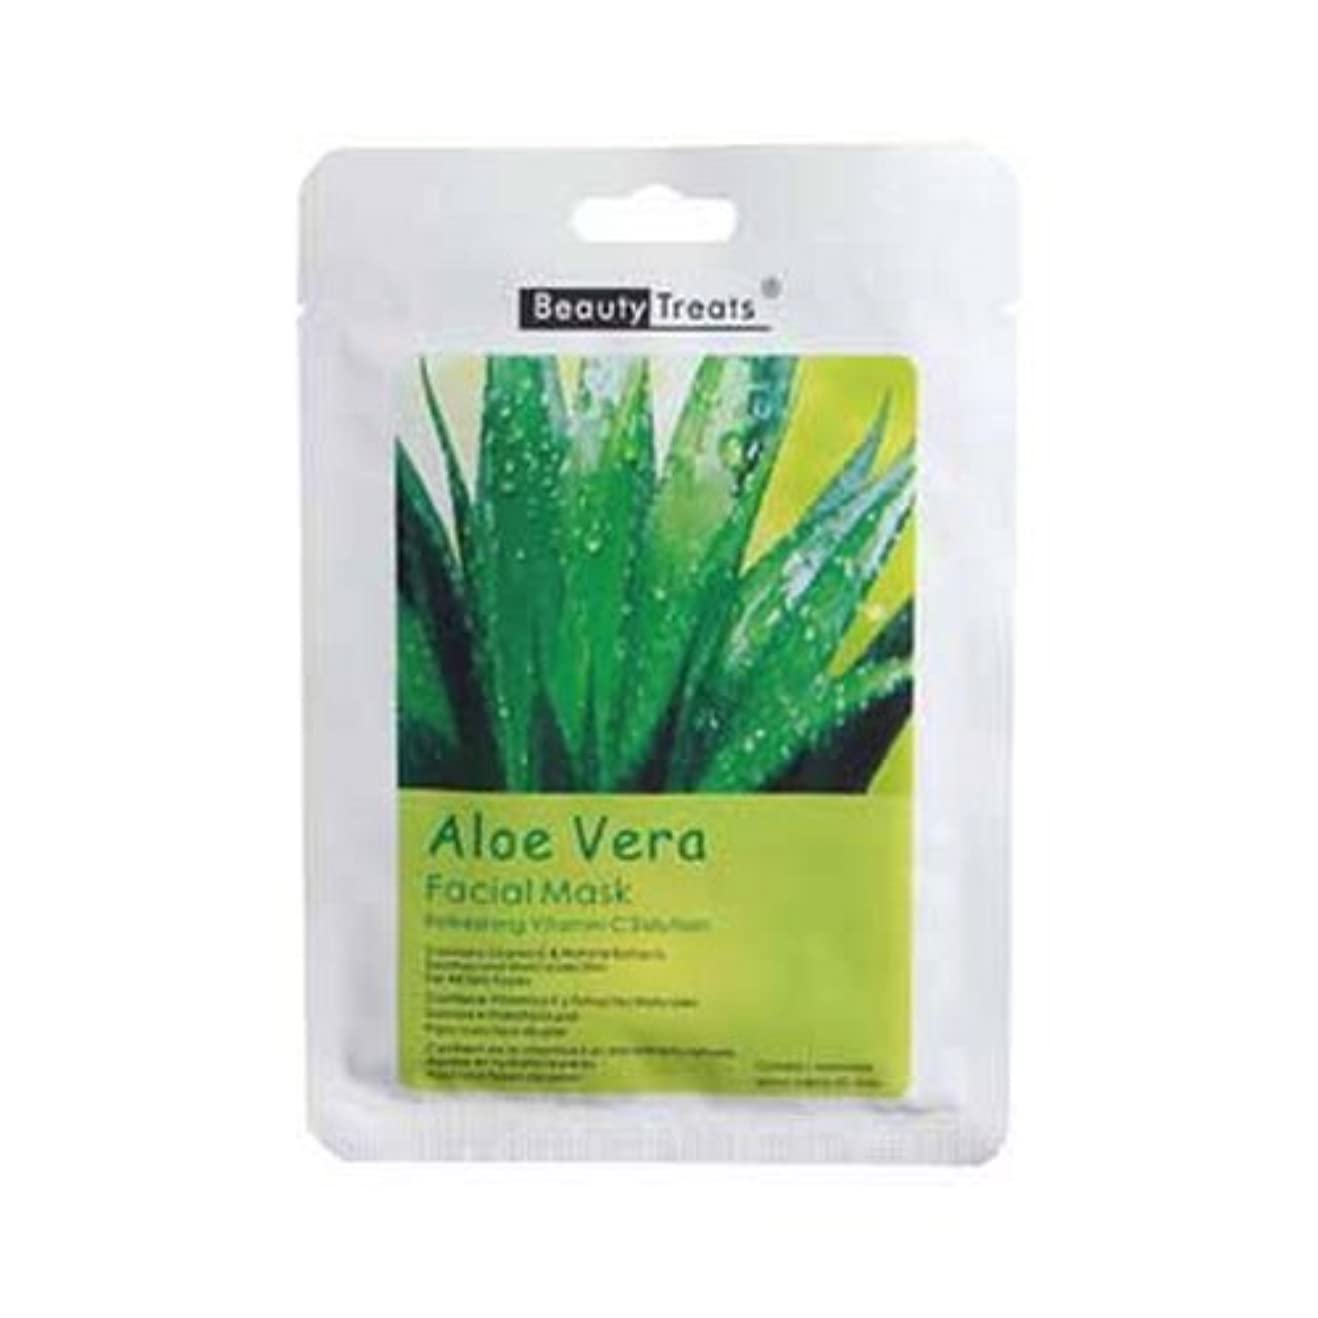 幻滅するスロープ識別する(6 Pack) BEAUTY TREATS Facial Mask Refreshing Vitamin C Solution - Aloe Vera (並行輸入品)